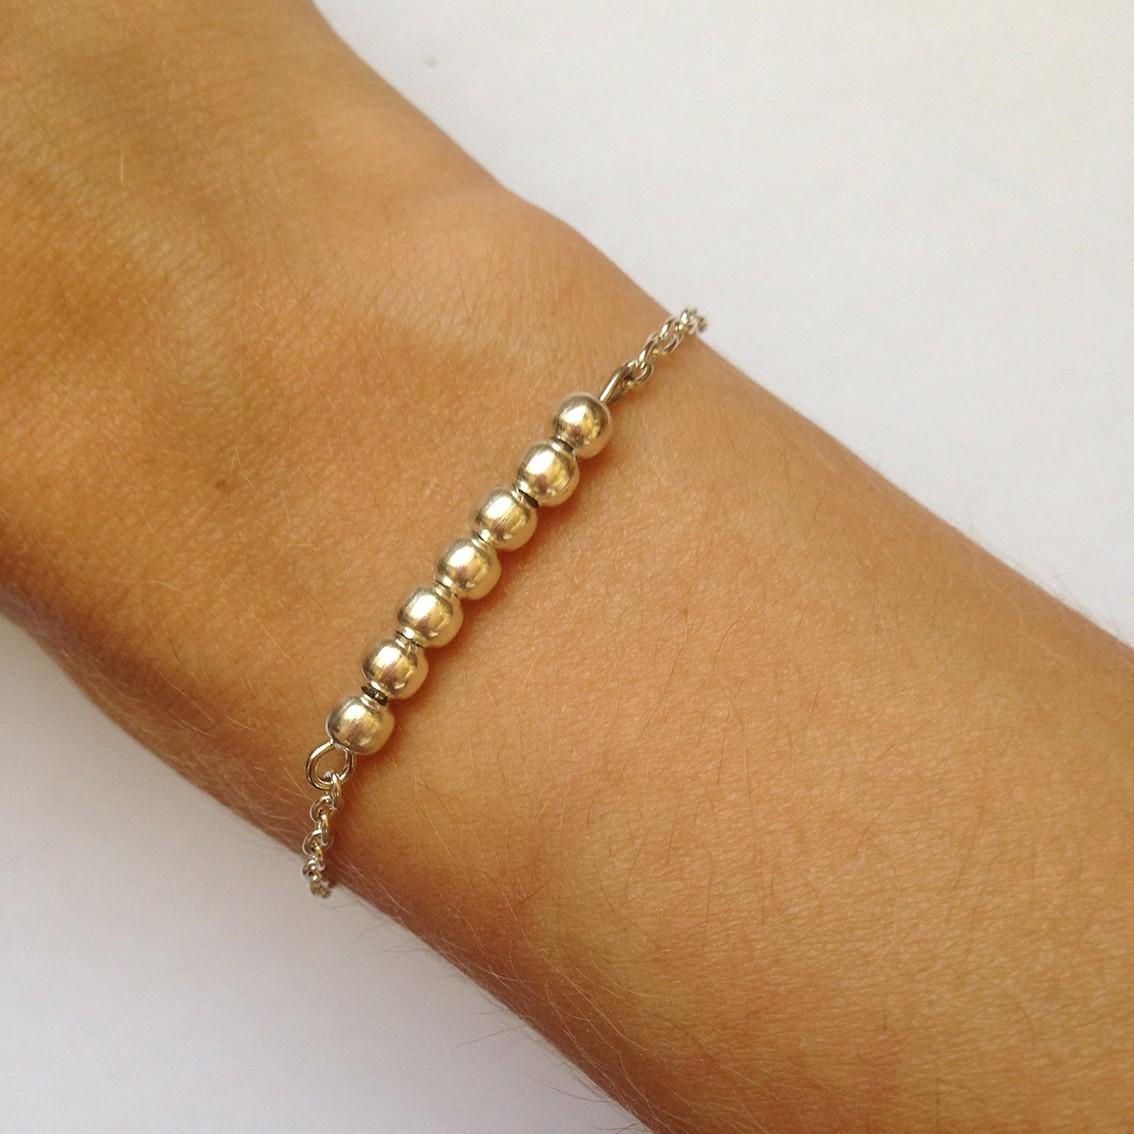 Bracelet Bulle petites perles argentées